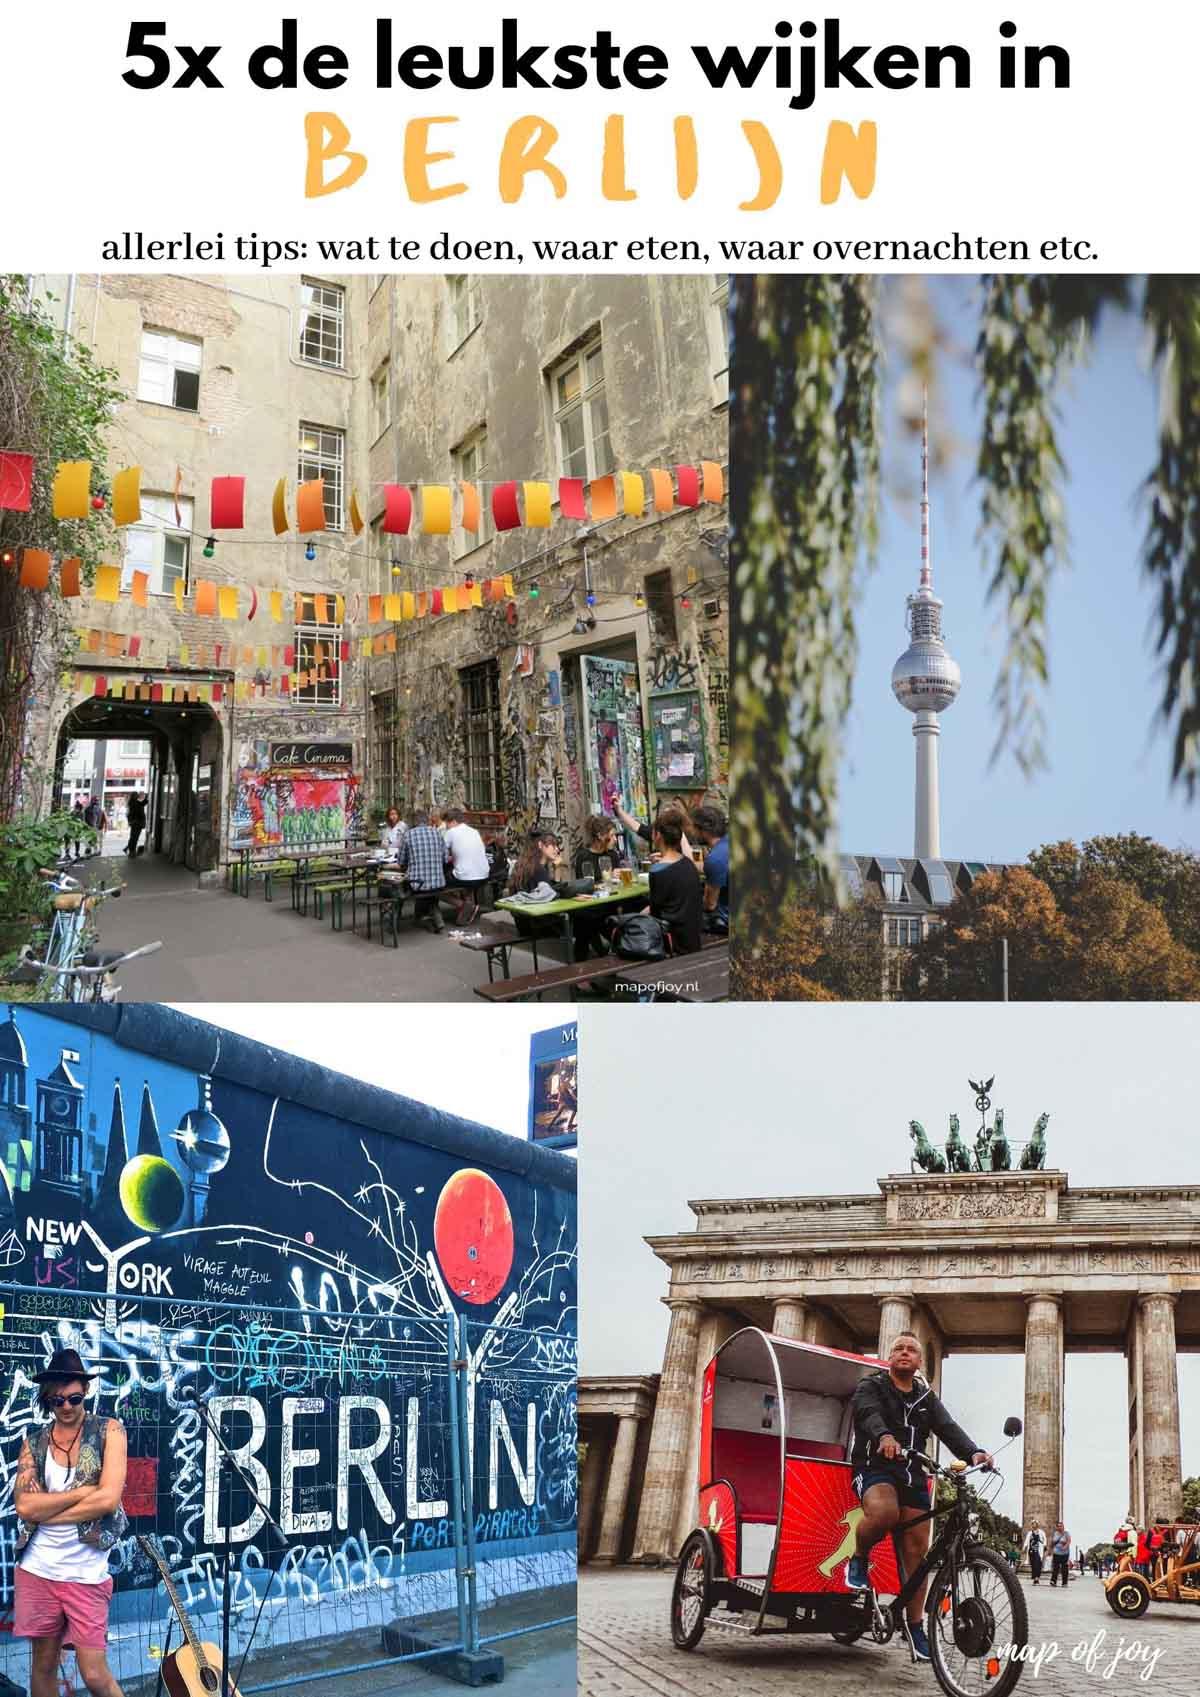 5x de leukste wijken in Berlijn - Map of Joy